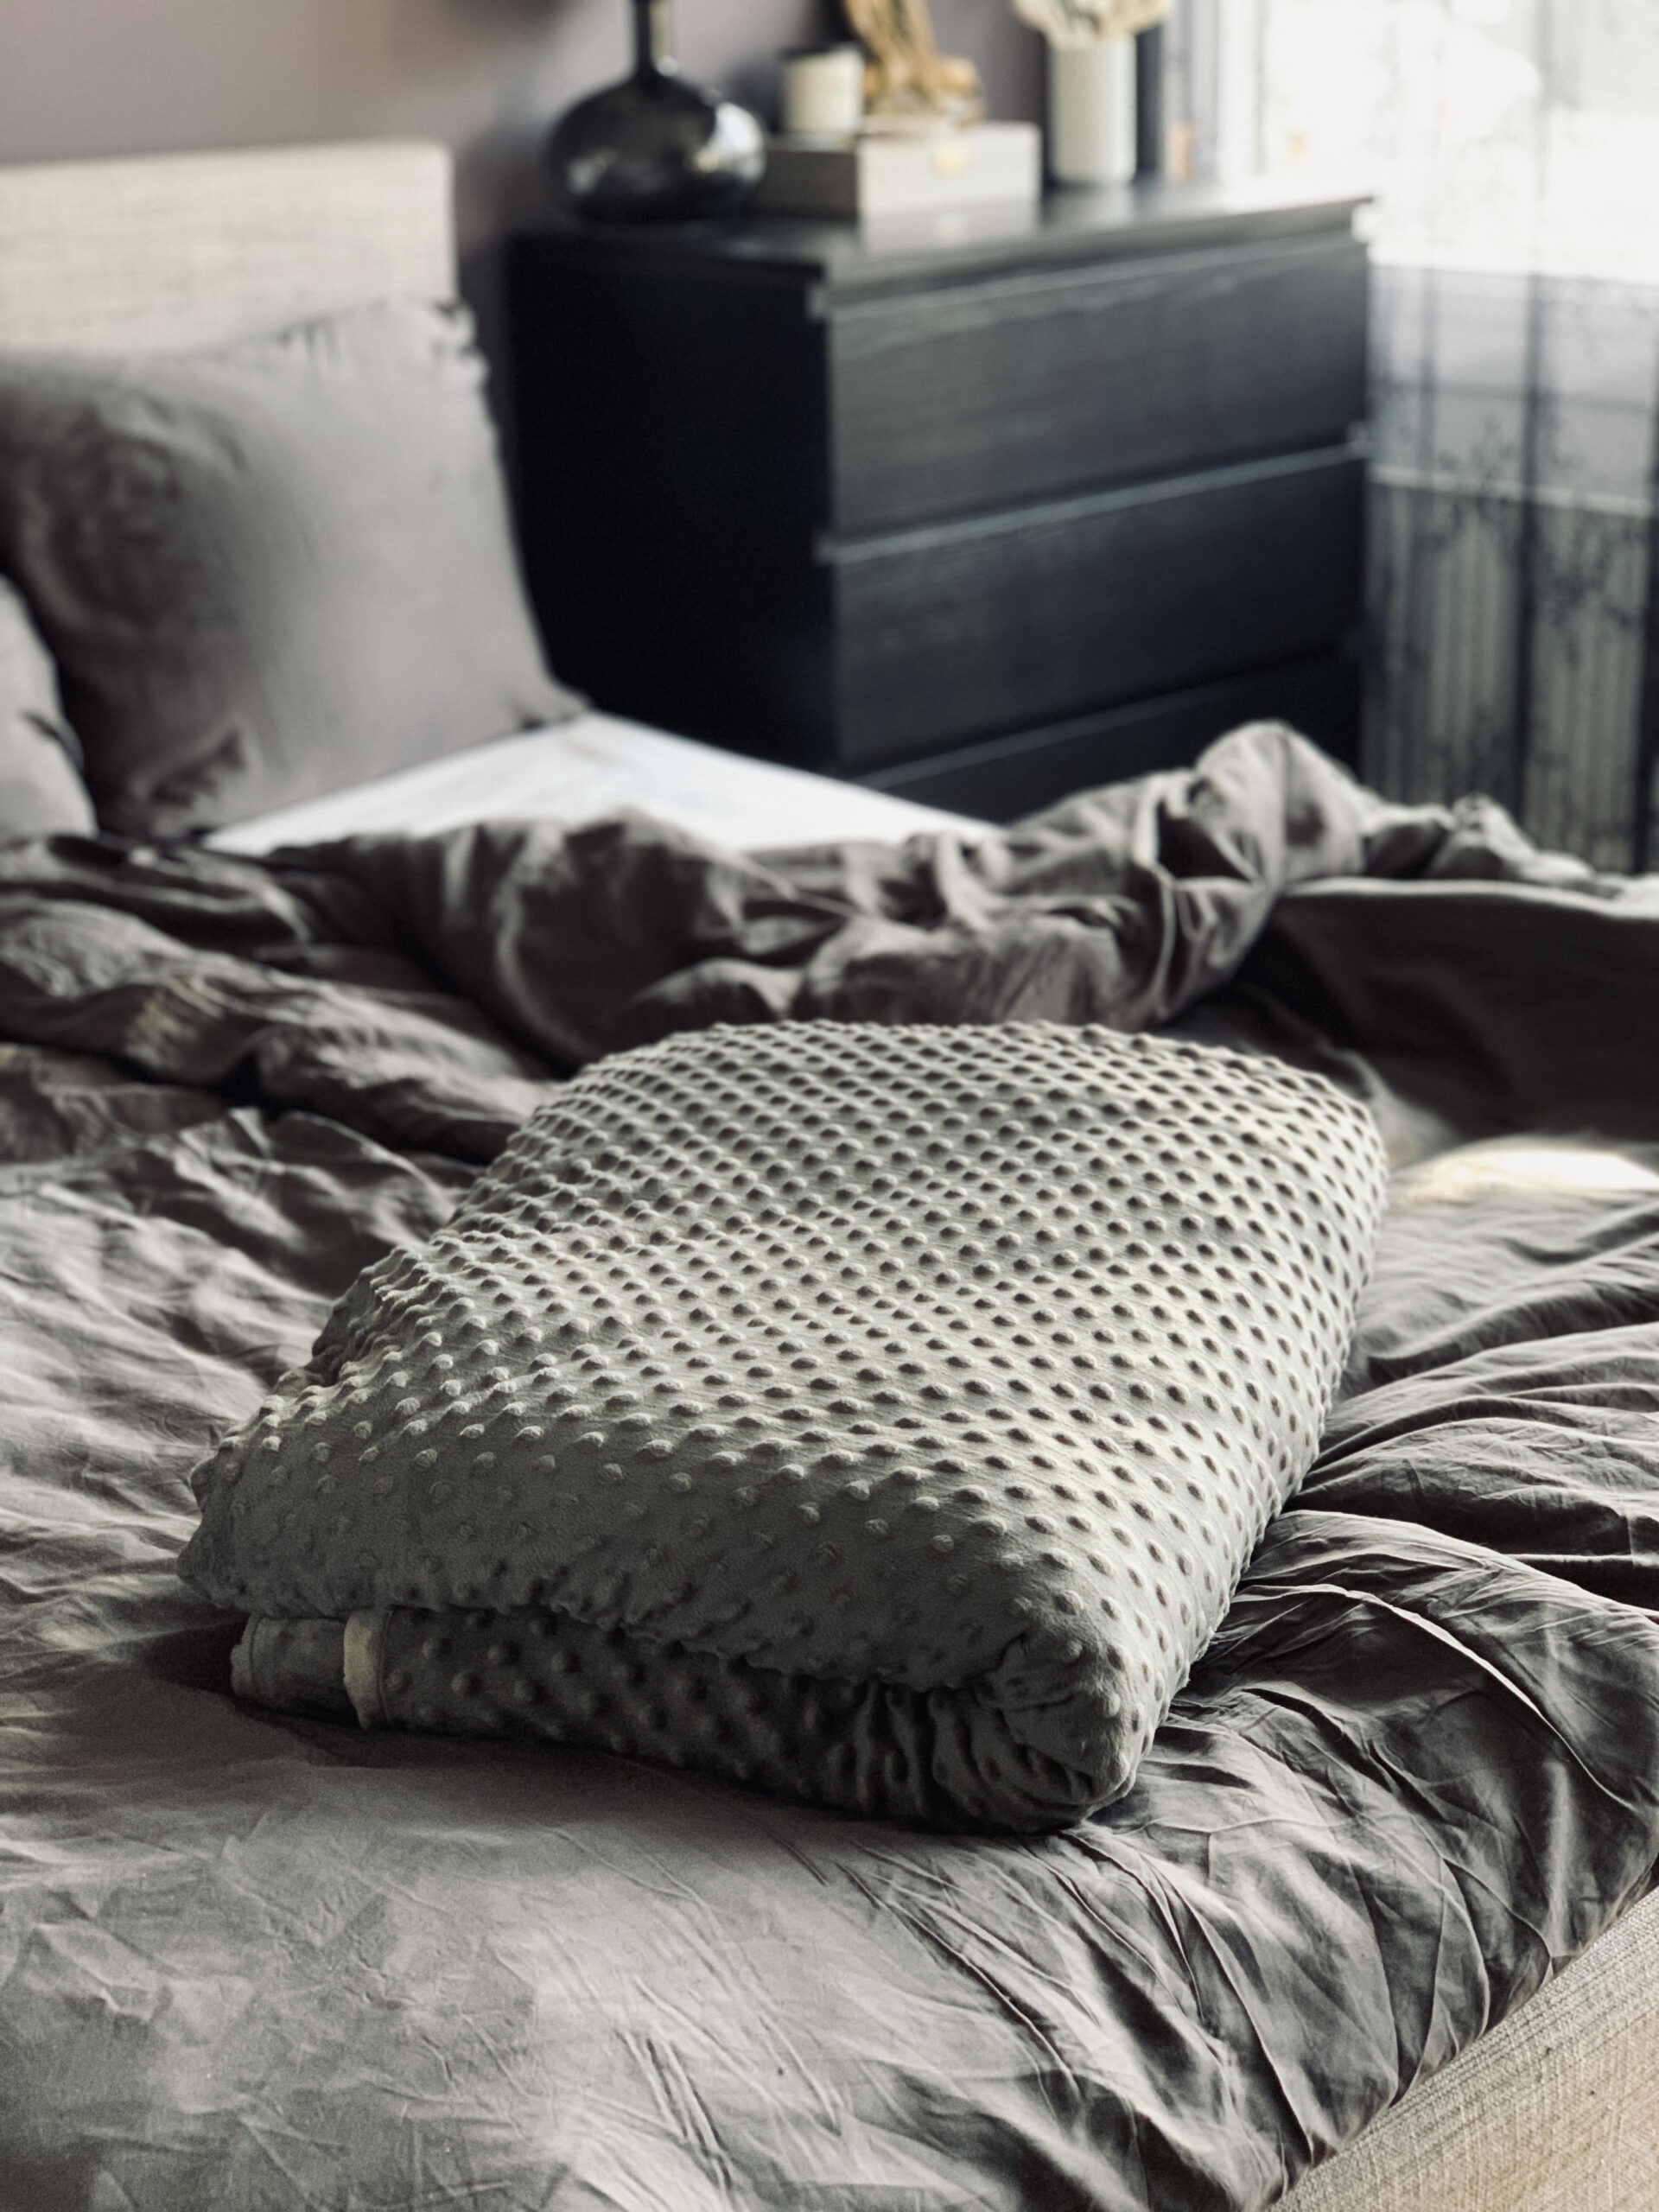 Tyngdetæppe, soveværelse, bedre søvn